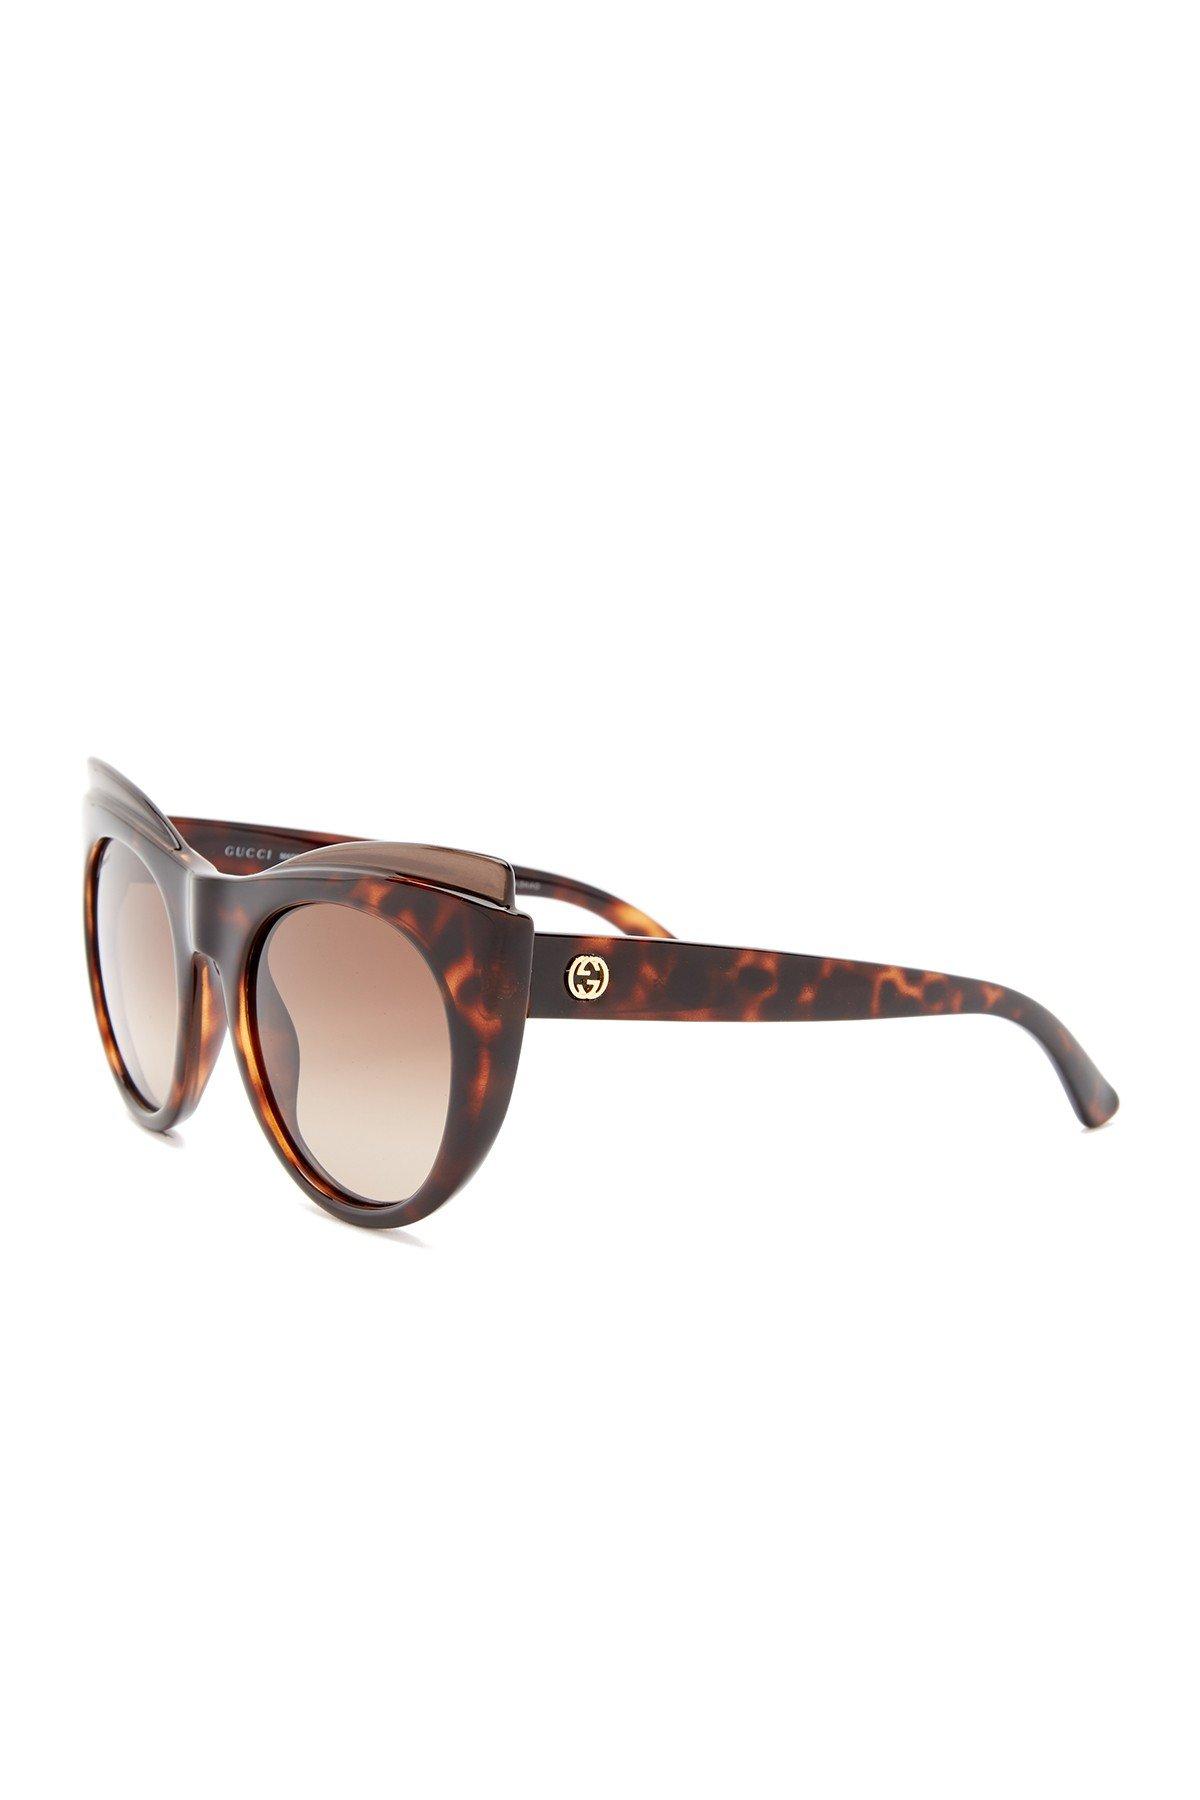 5b0daf20ba Lyst - Gucci Women  39 s Cat Eye Acetate Sunglasses in Brown